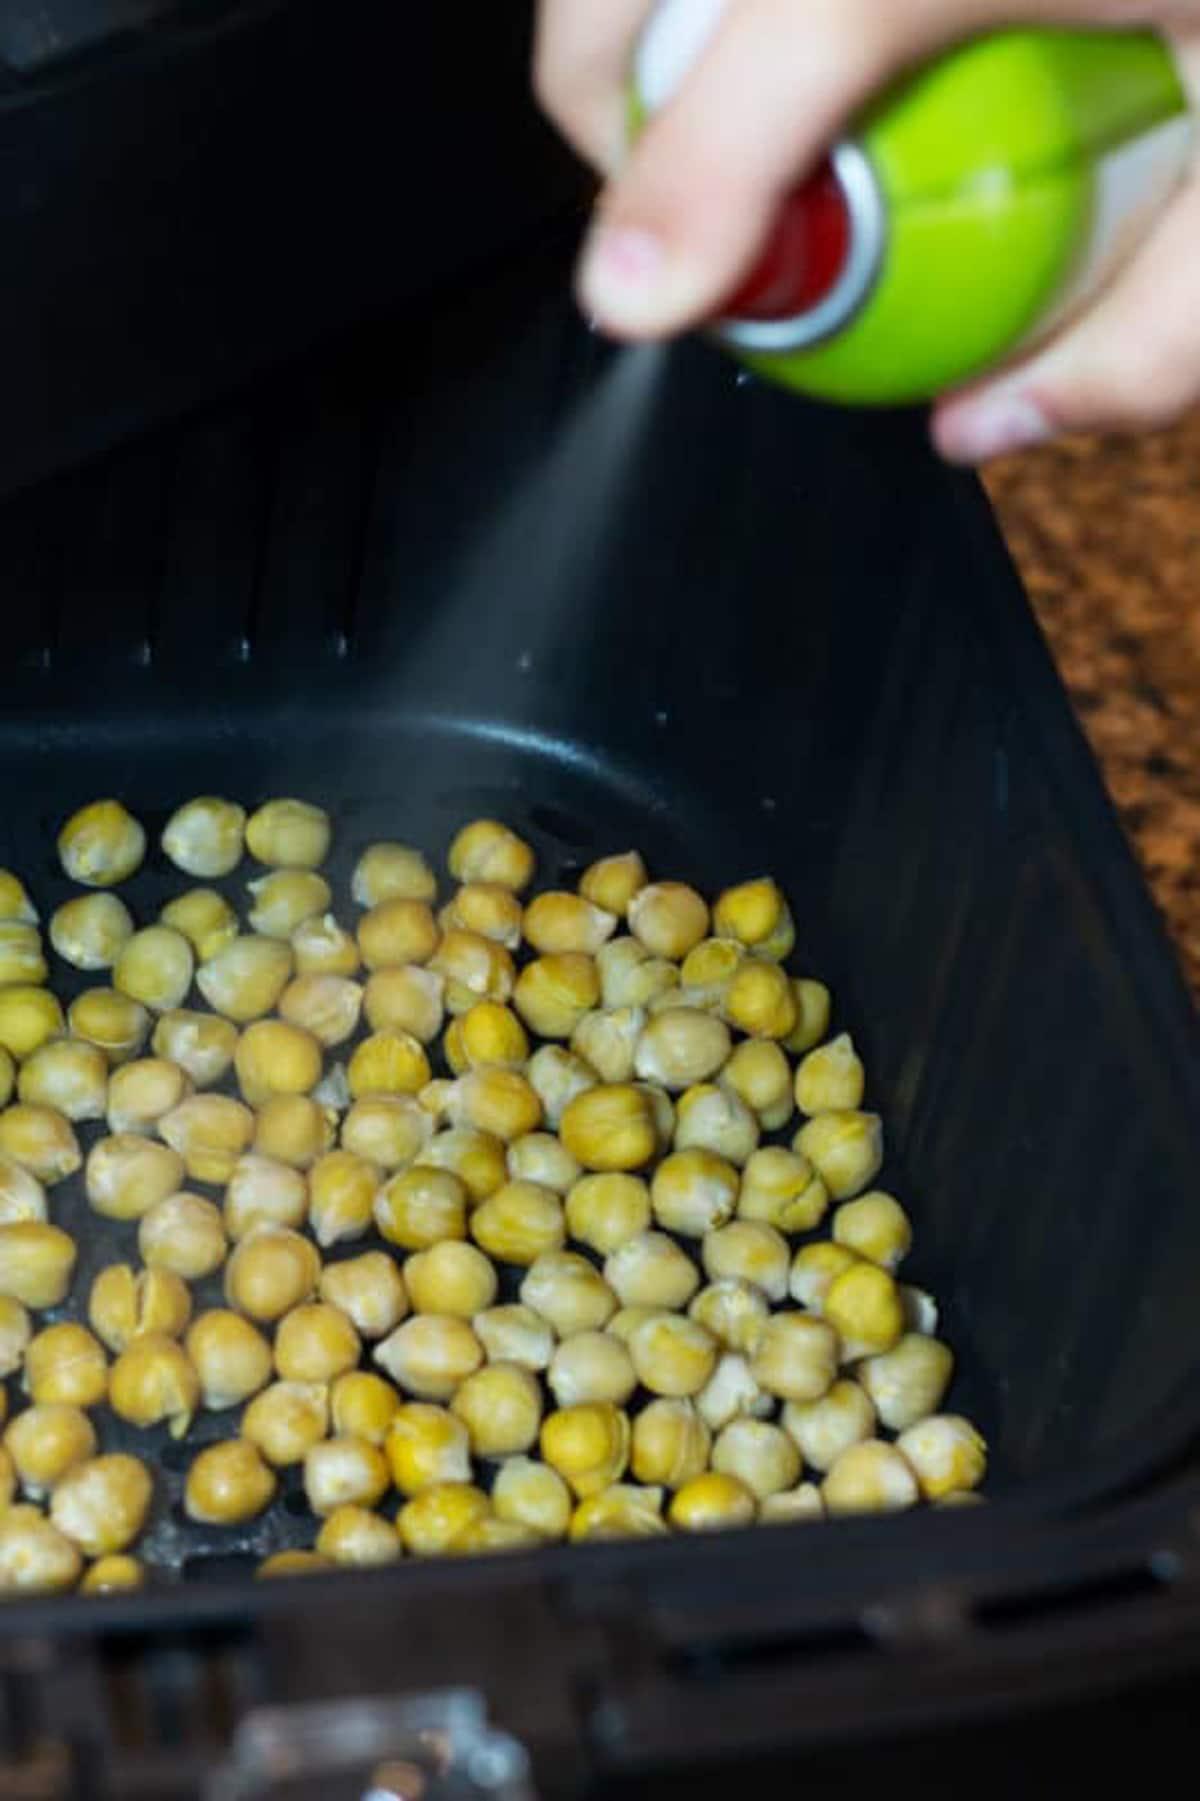 Non-stick spray on chickpeas in an air fryer basket.